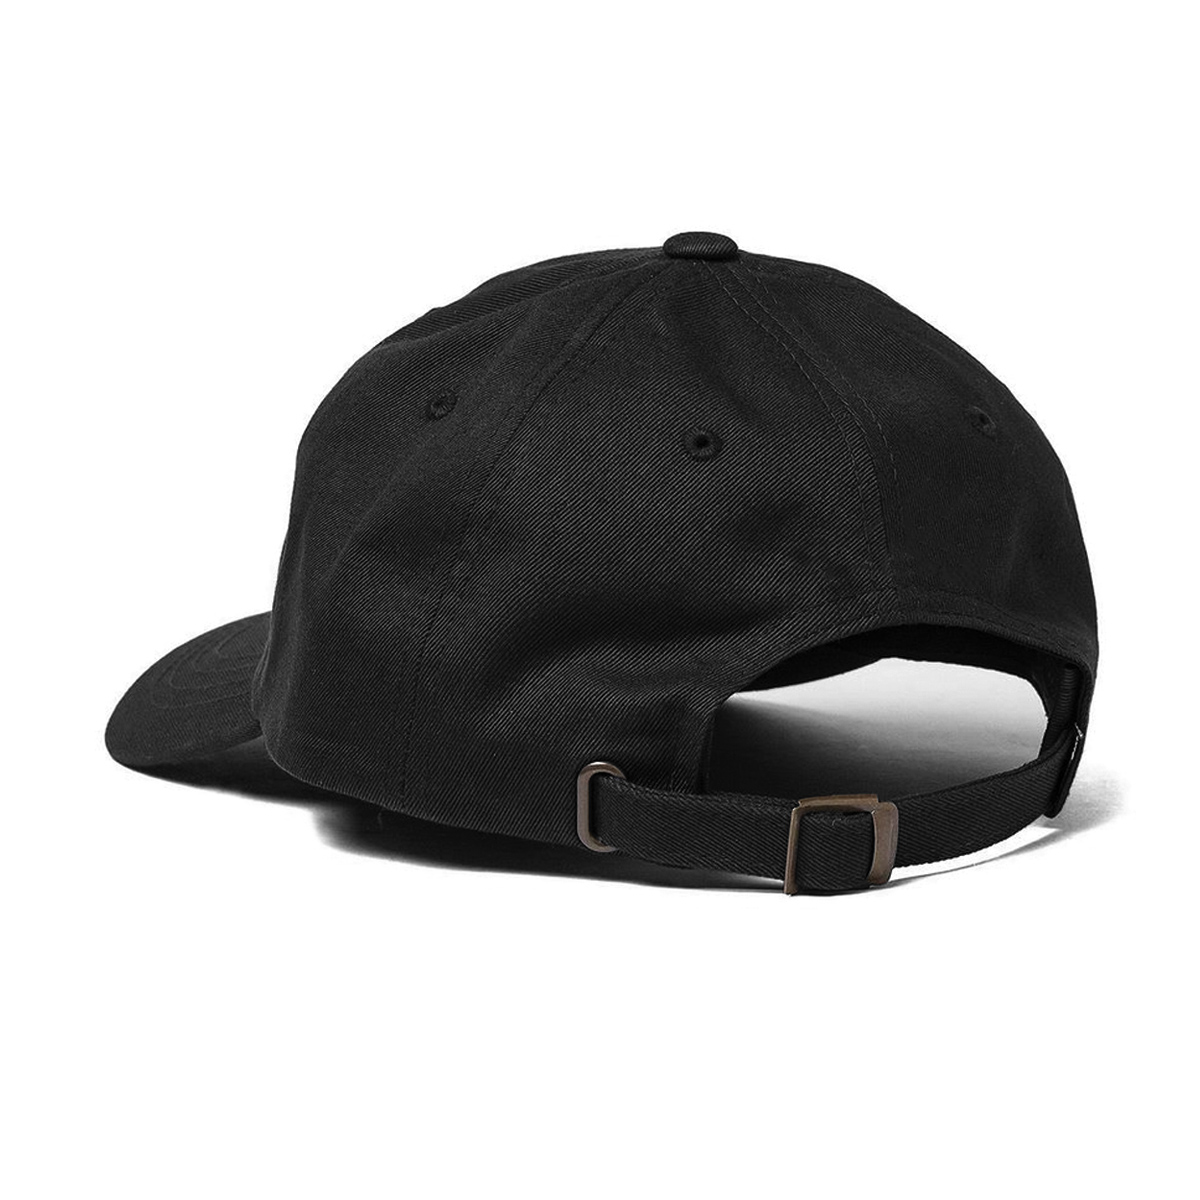 BIG3 BLACK DAD HAT Shop the BIG3 Official Store